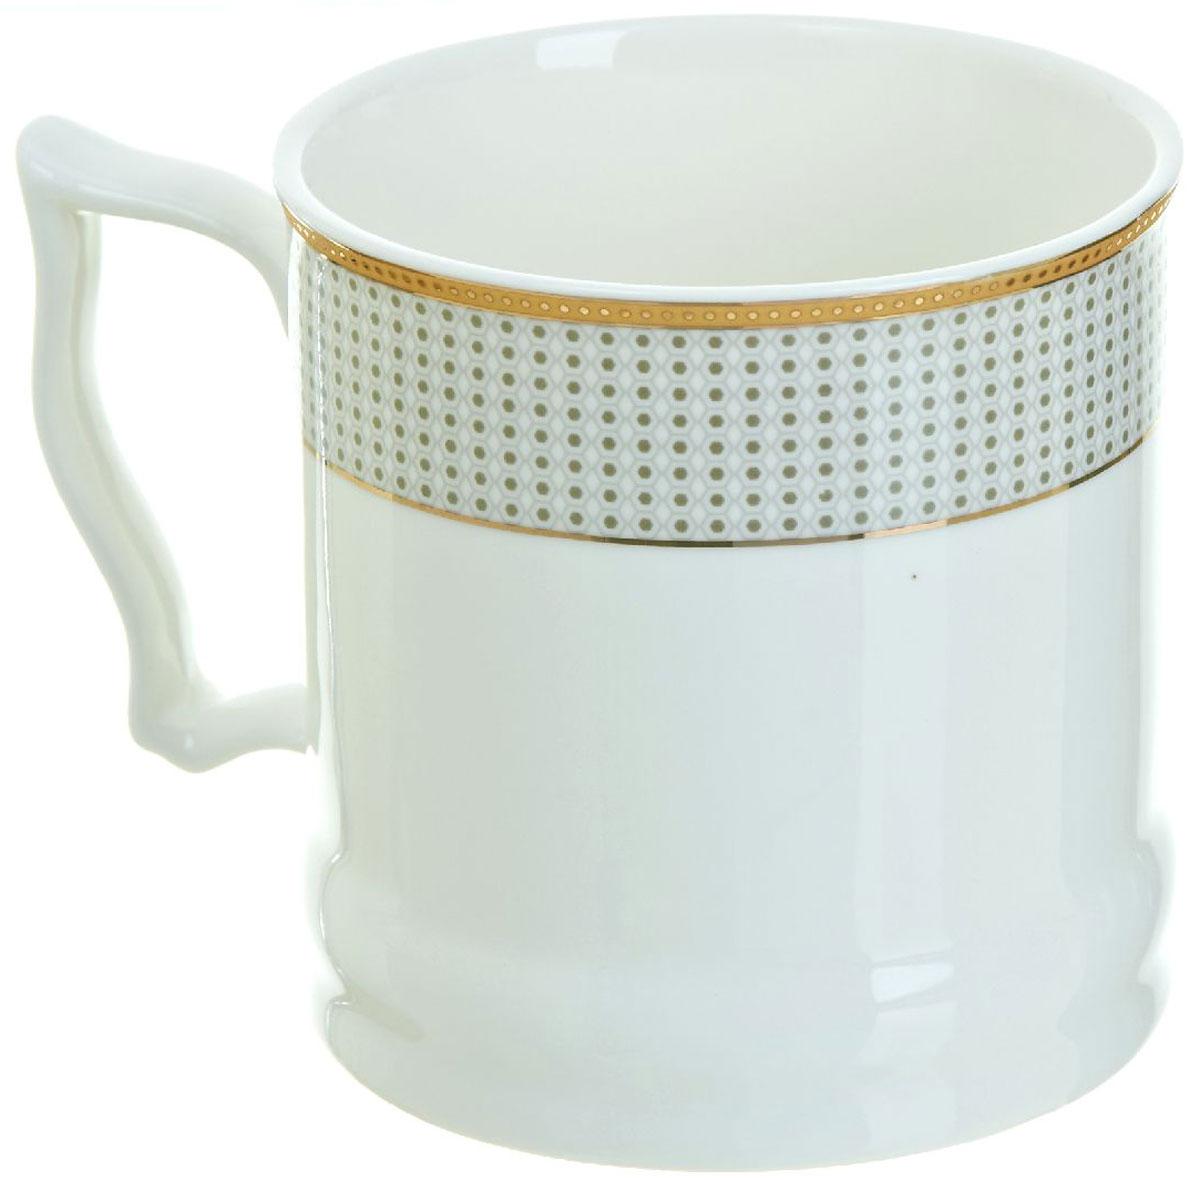 Кружка BHP Королевская кружка, 500 мл. M1870012M1870012Оригинальная кружка Best Home Porcelain, выполненная из высококачественного фарфора, сочетает в себе простой, утонченный дизайн с максимальной функциональностью. Можно использовать в посудомоечной машине.